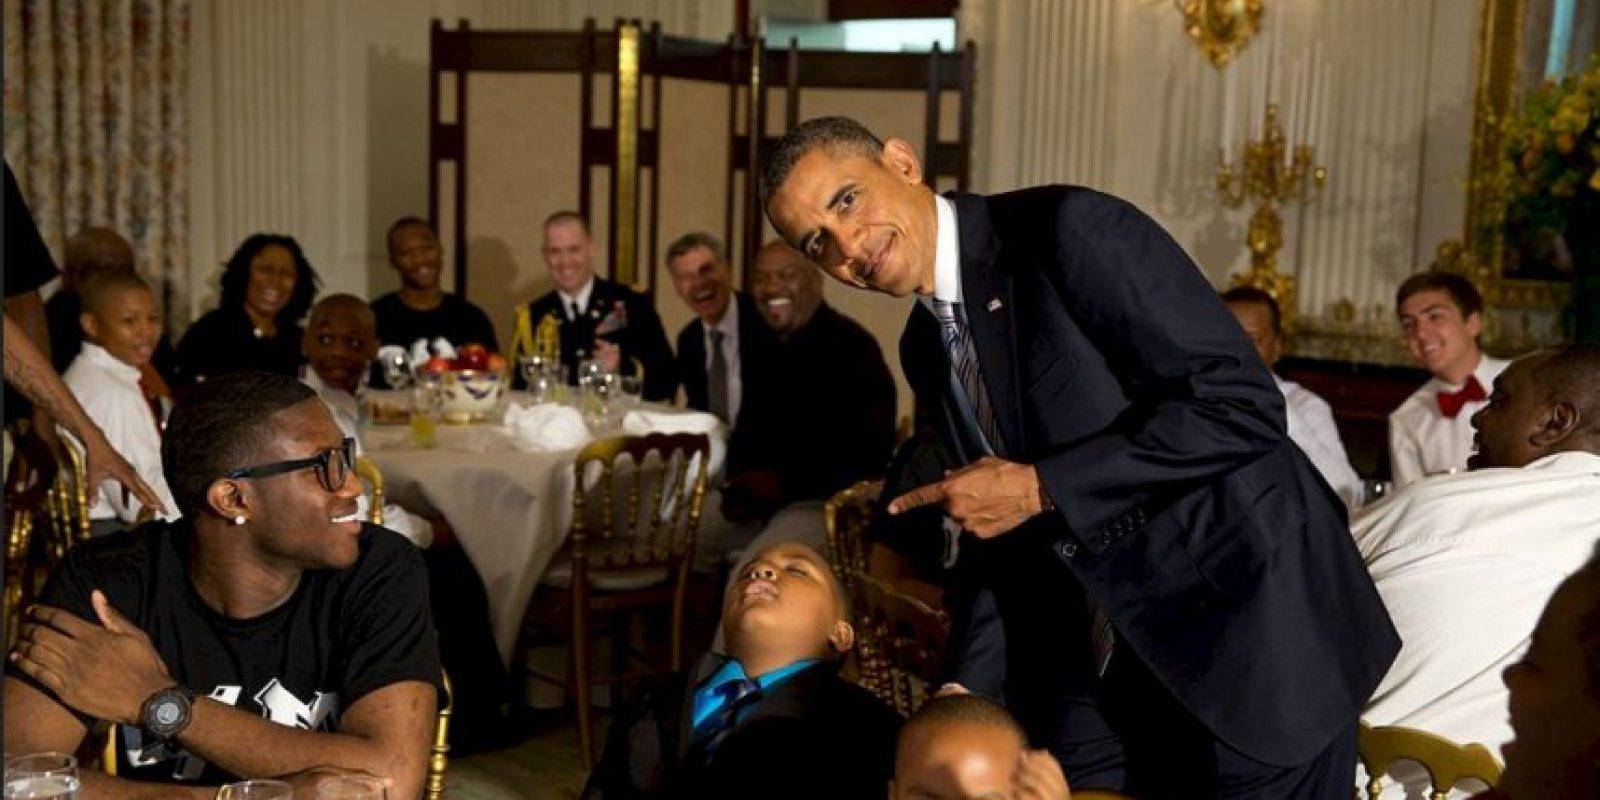 Los pequeños deben tener cuidado de no quedarse dormidos o pueden ser la burla del presidente Foto:Vía whitehouse.gov/photos